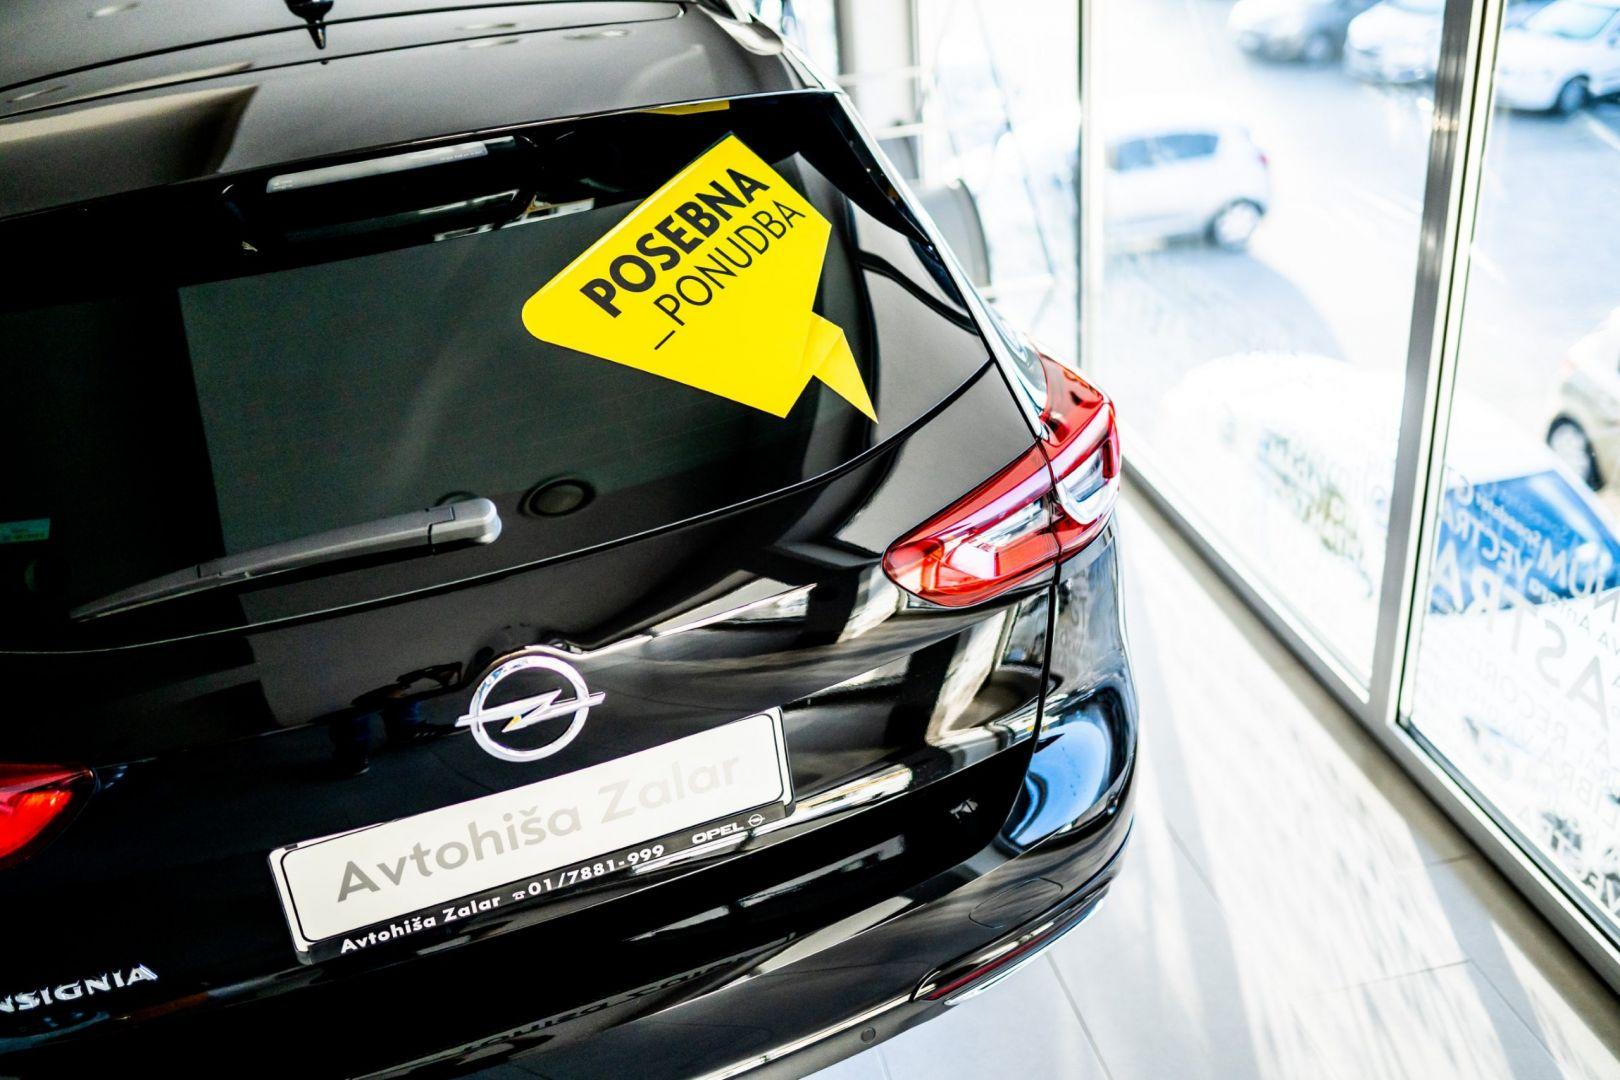 avtohisa-zalar-nova-rabljena-vozila-servis-prodaja-vzdrzevanje-zavarovanje-svetovanje (1)